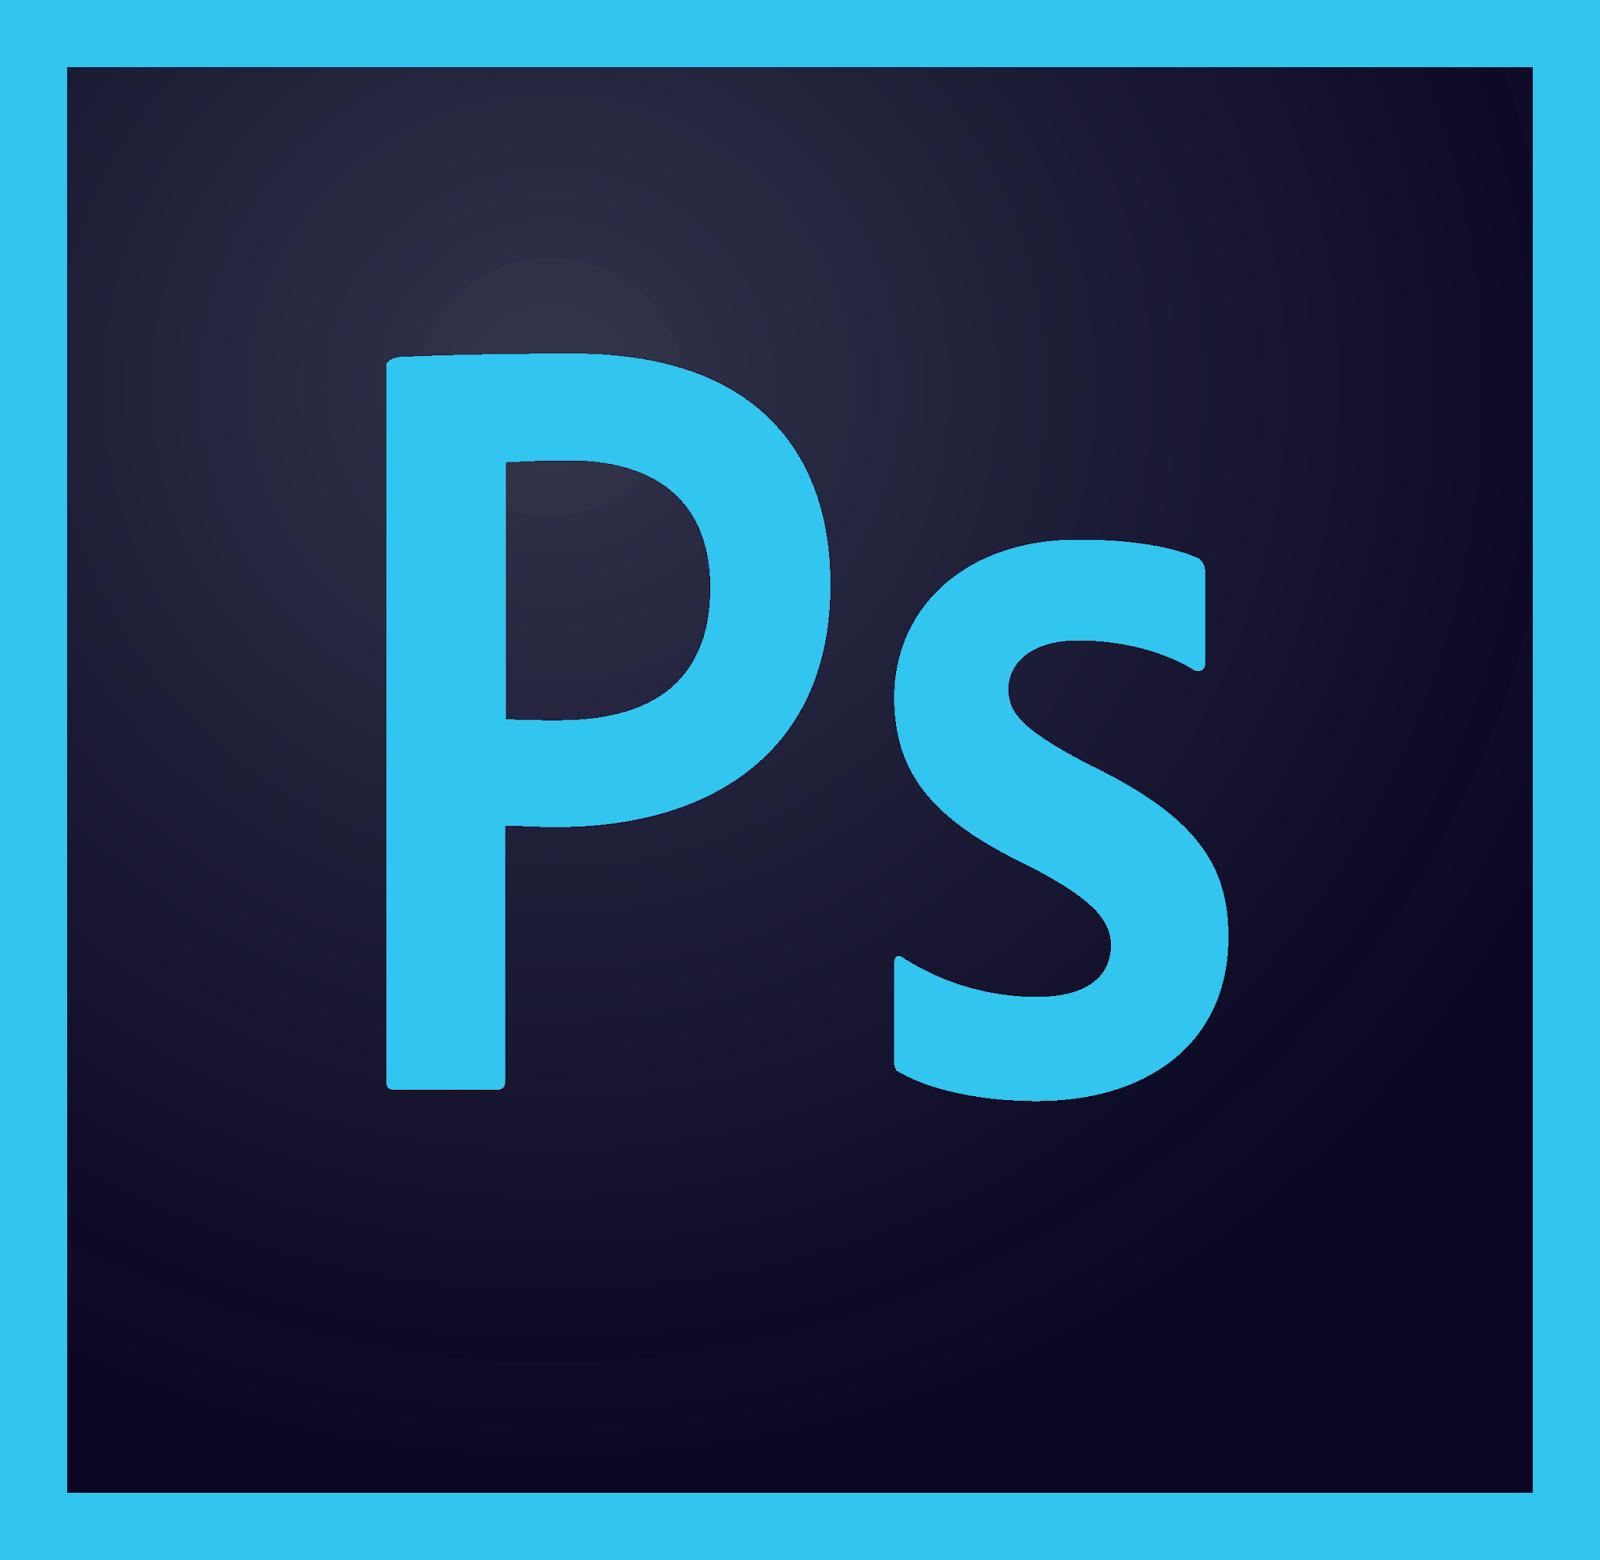 amtemu.v0.9.2-painter.exe photoshop